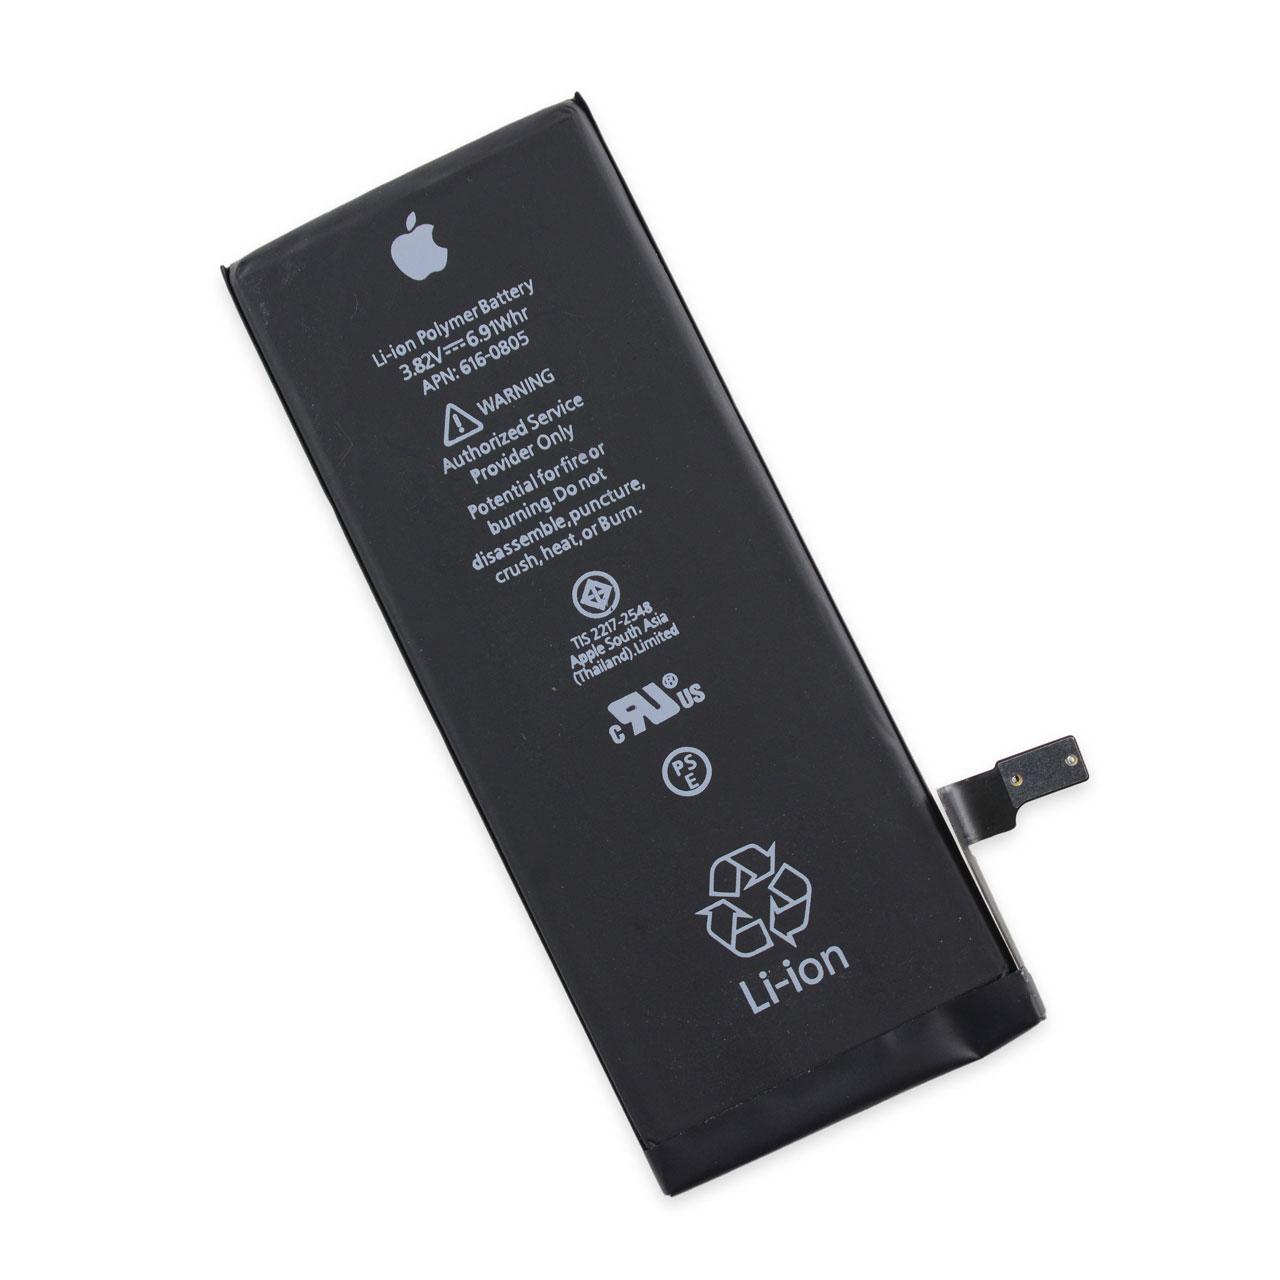 термобельем для емкость батареи айфона 6с специально для потребителей